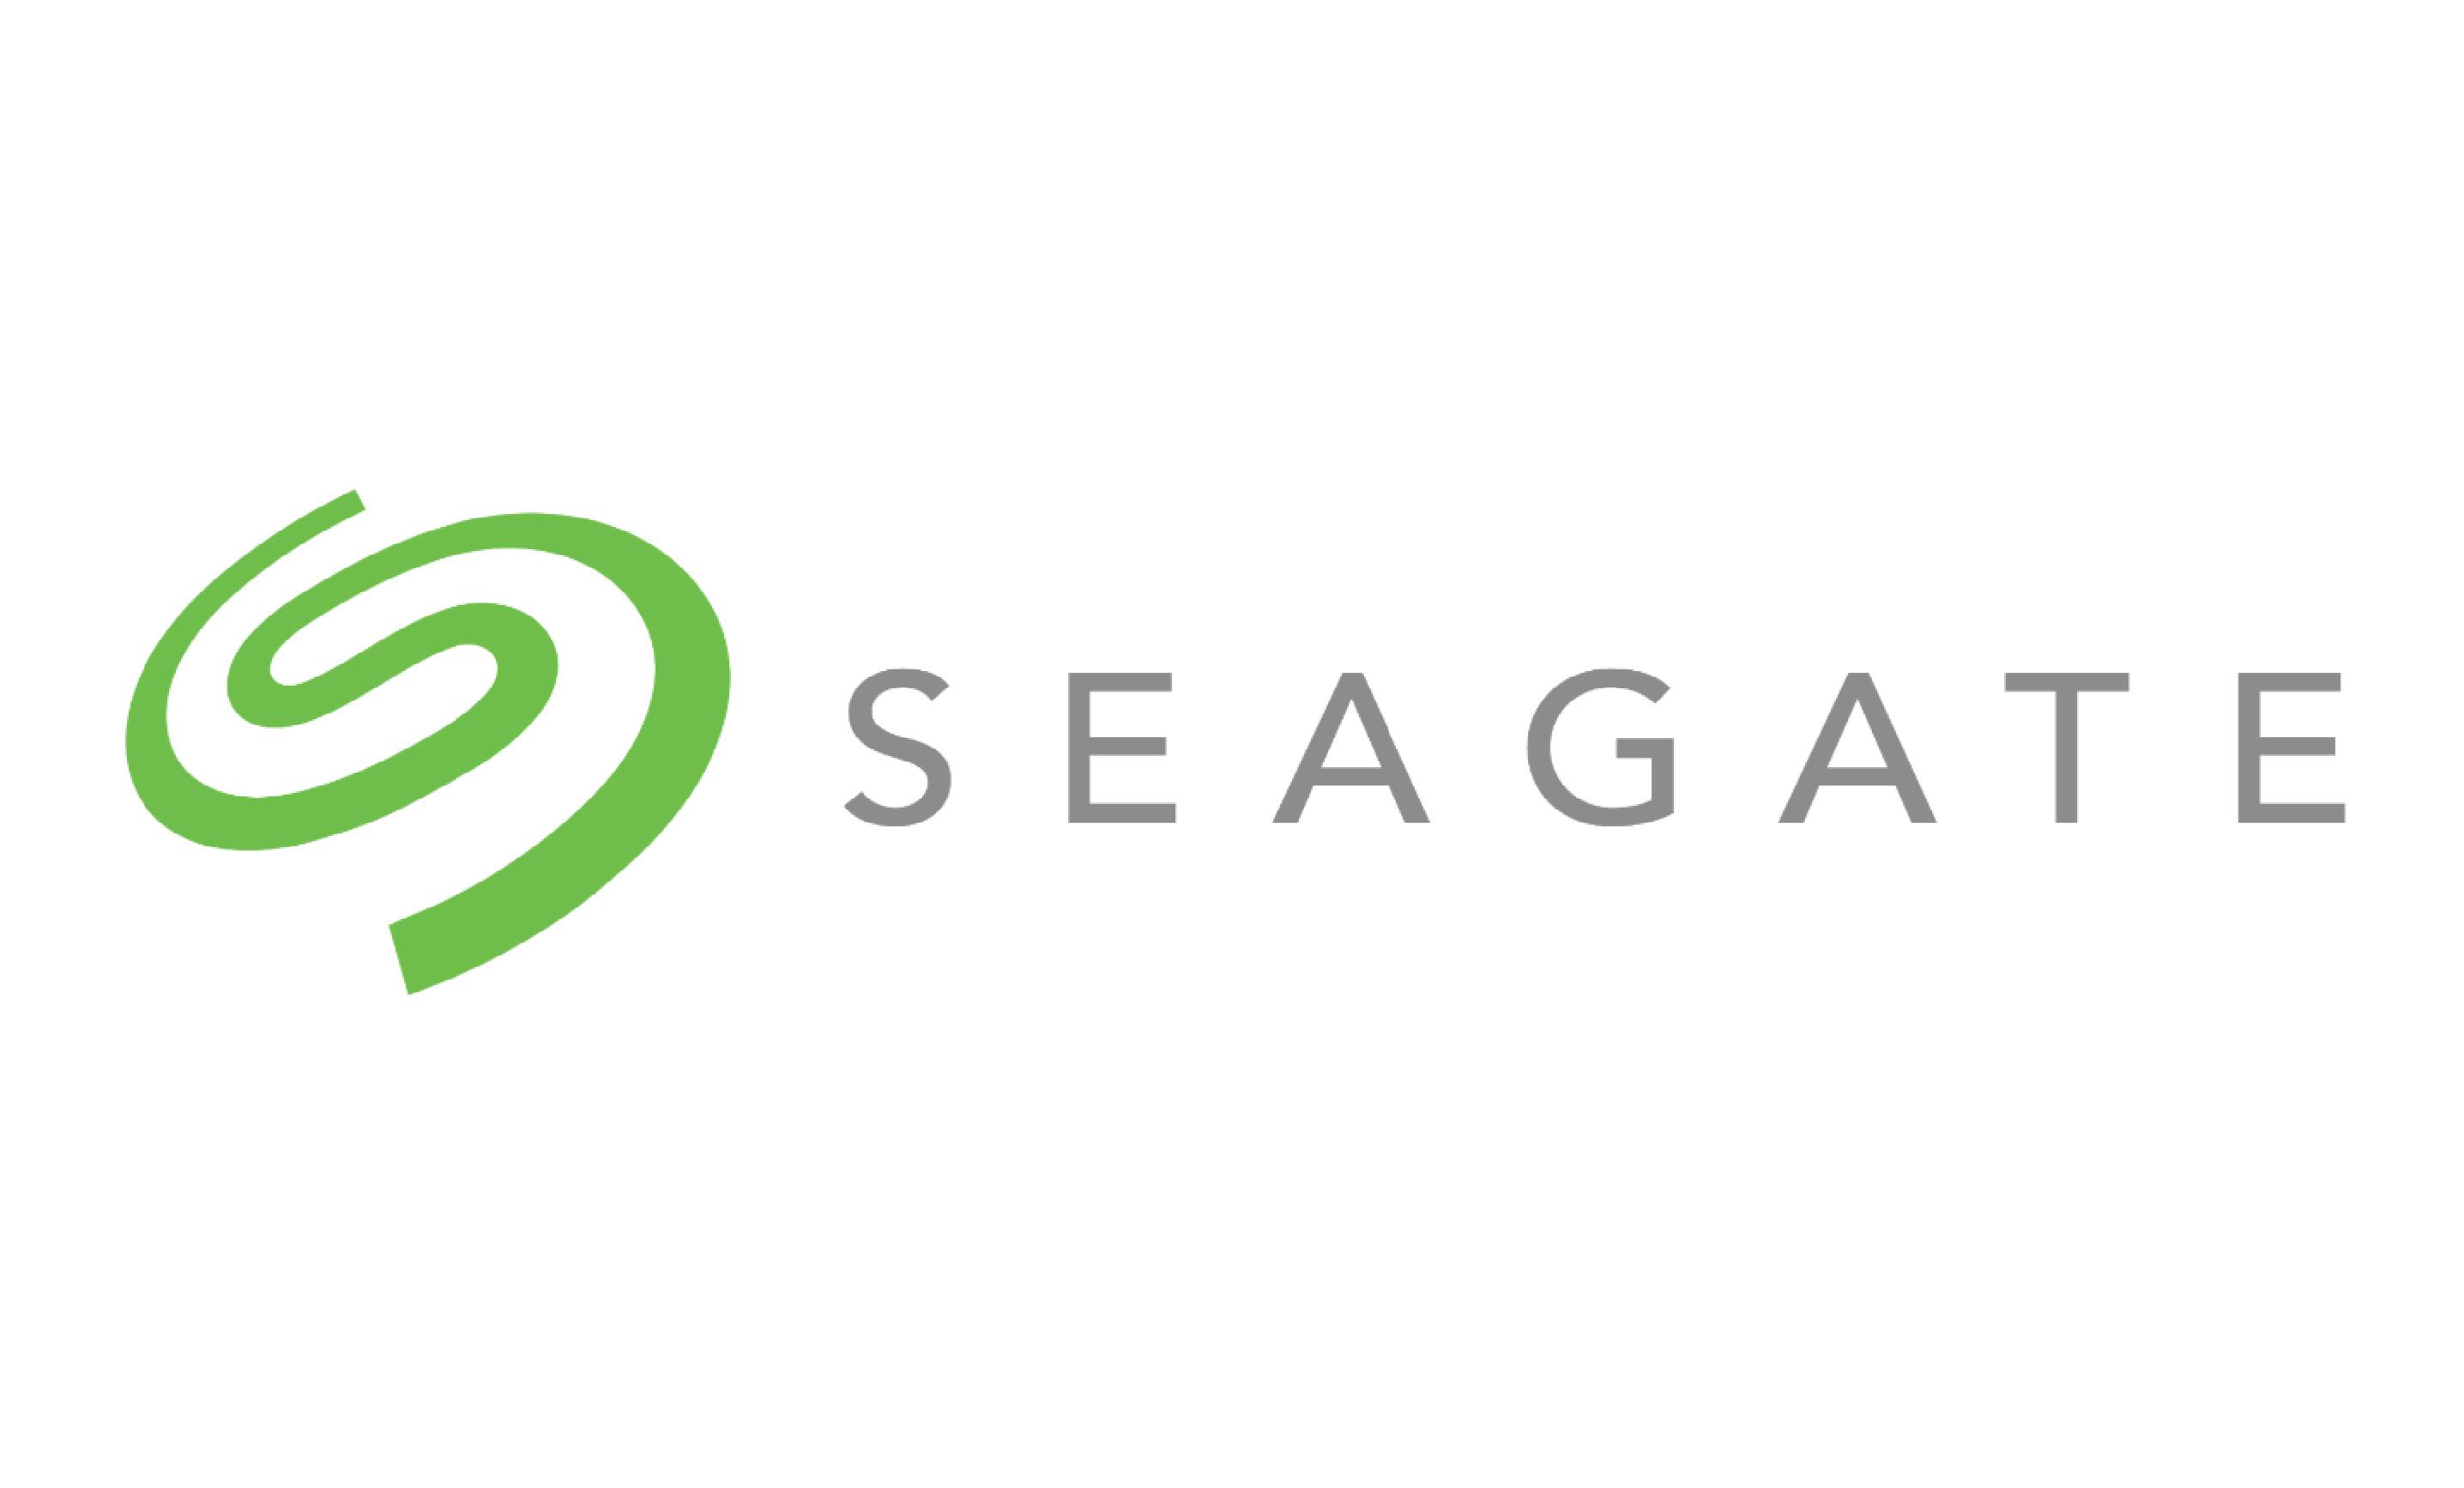 SEAGATE-01